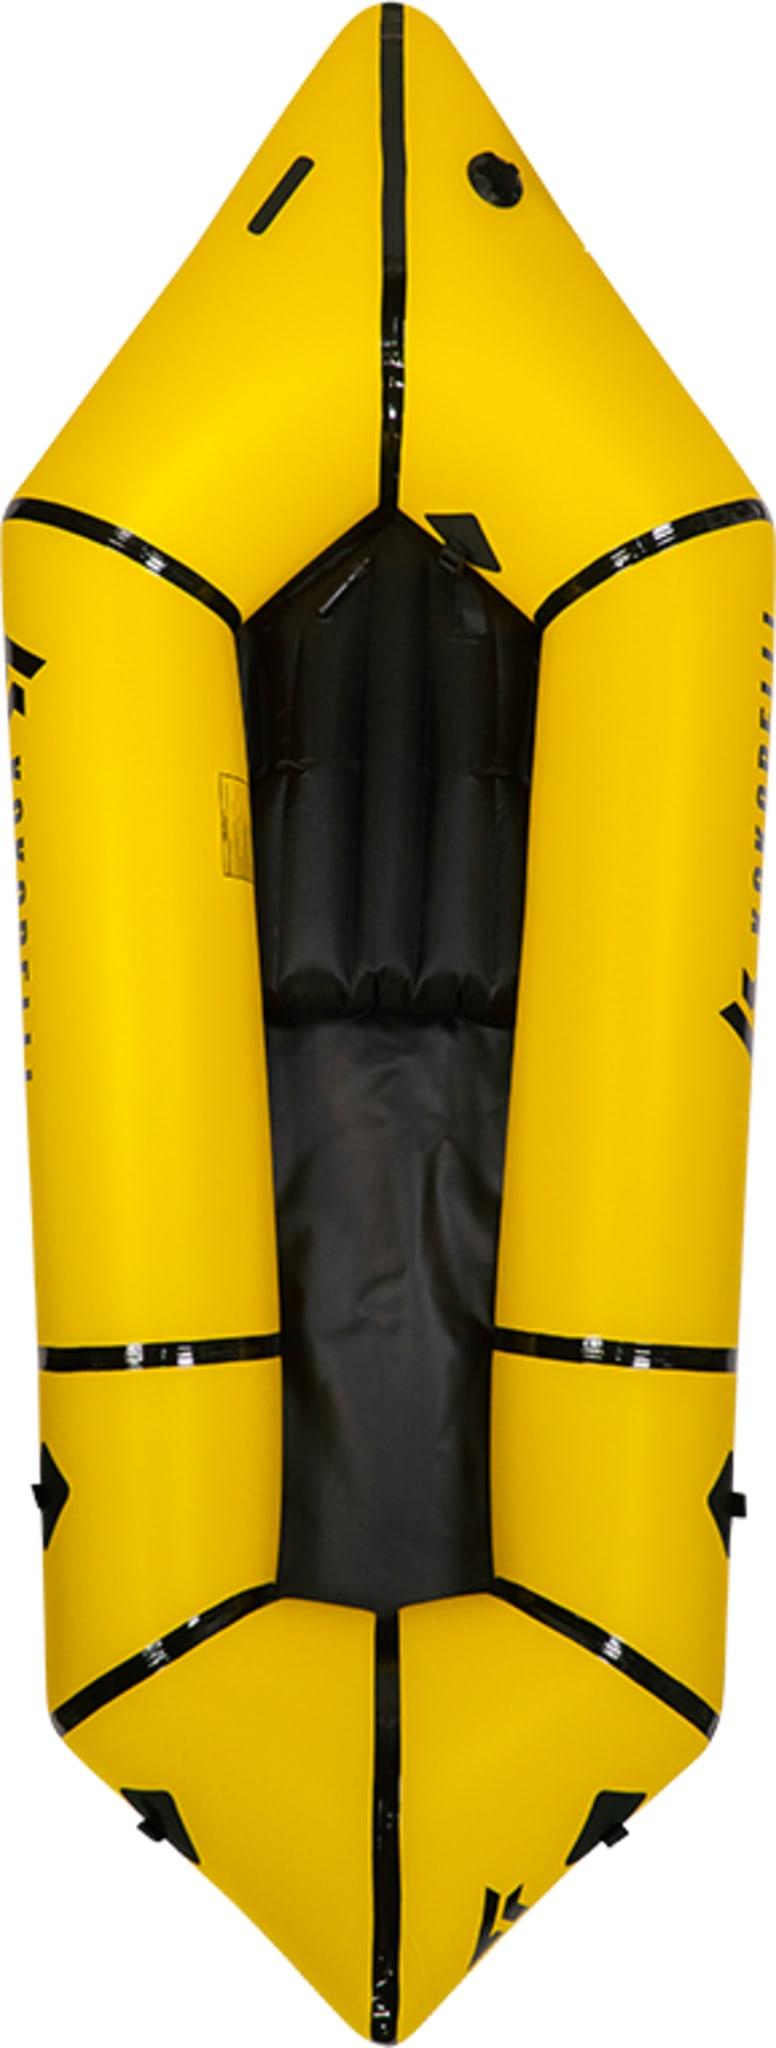 Nyeste Rogue-Lite er den letteste båten i Kokopellis sortiment med sine utrolige 2.2 kg!